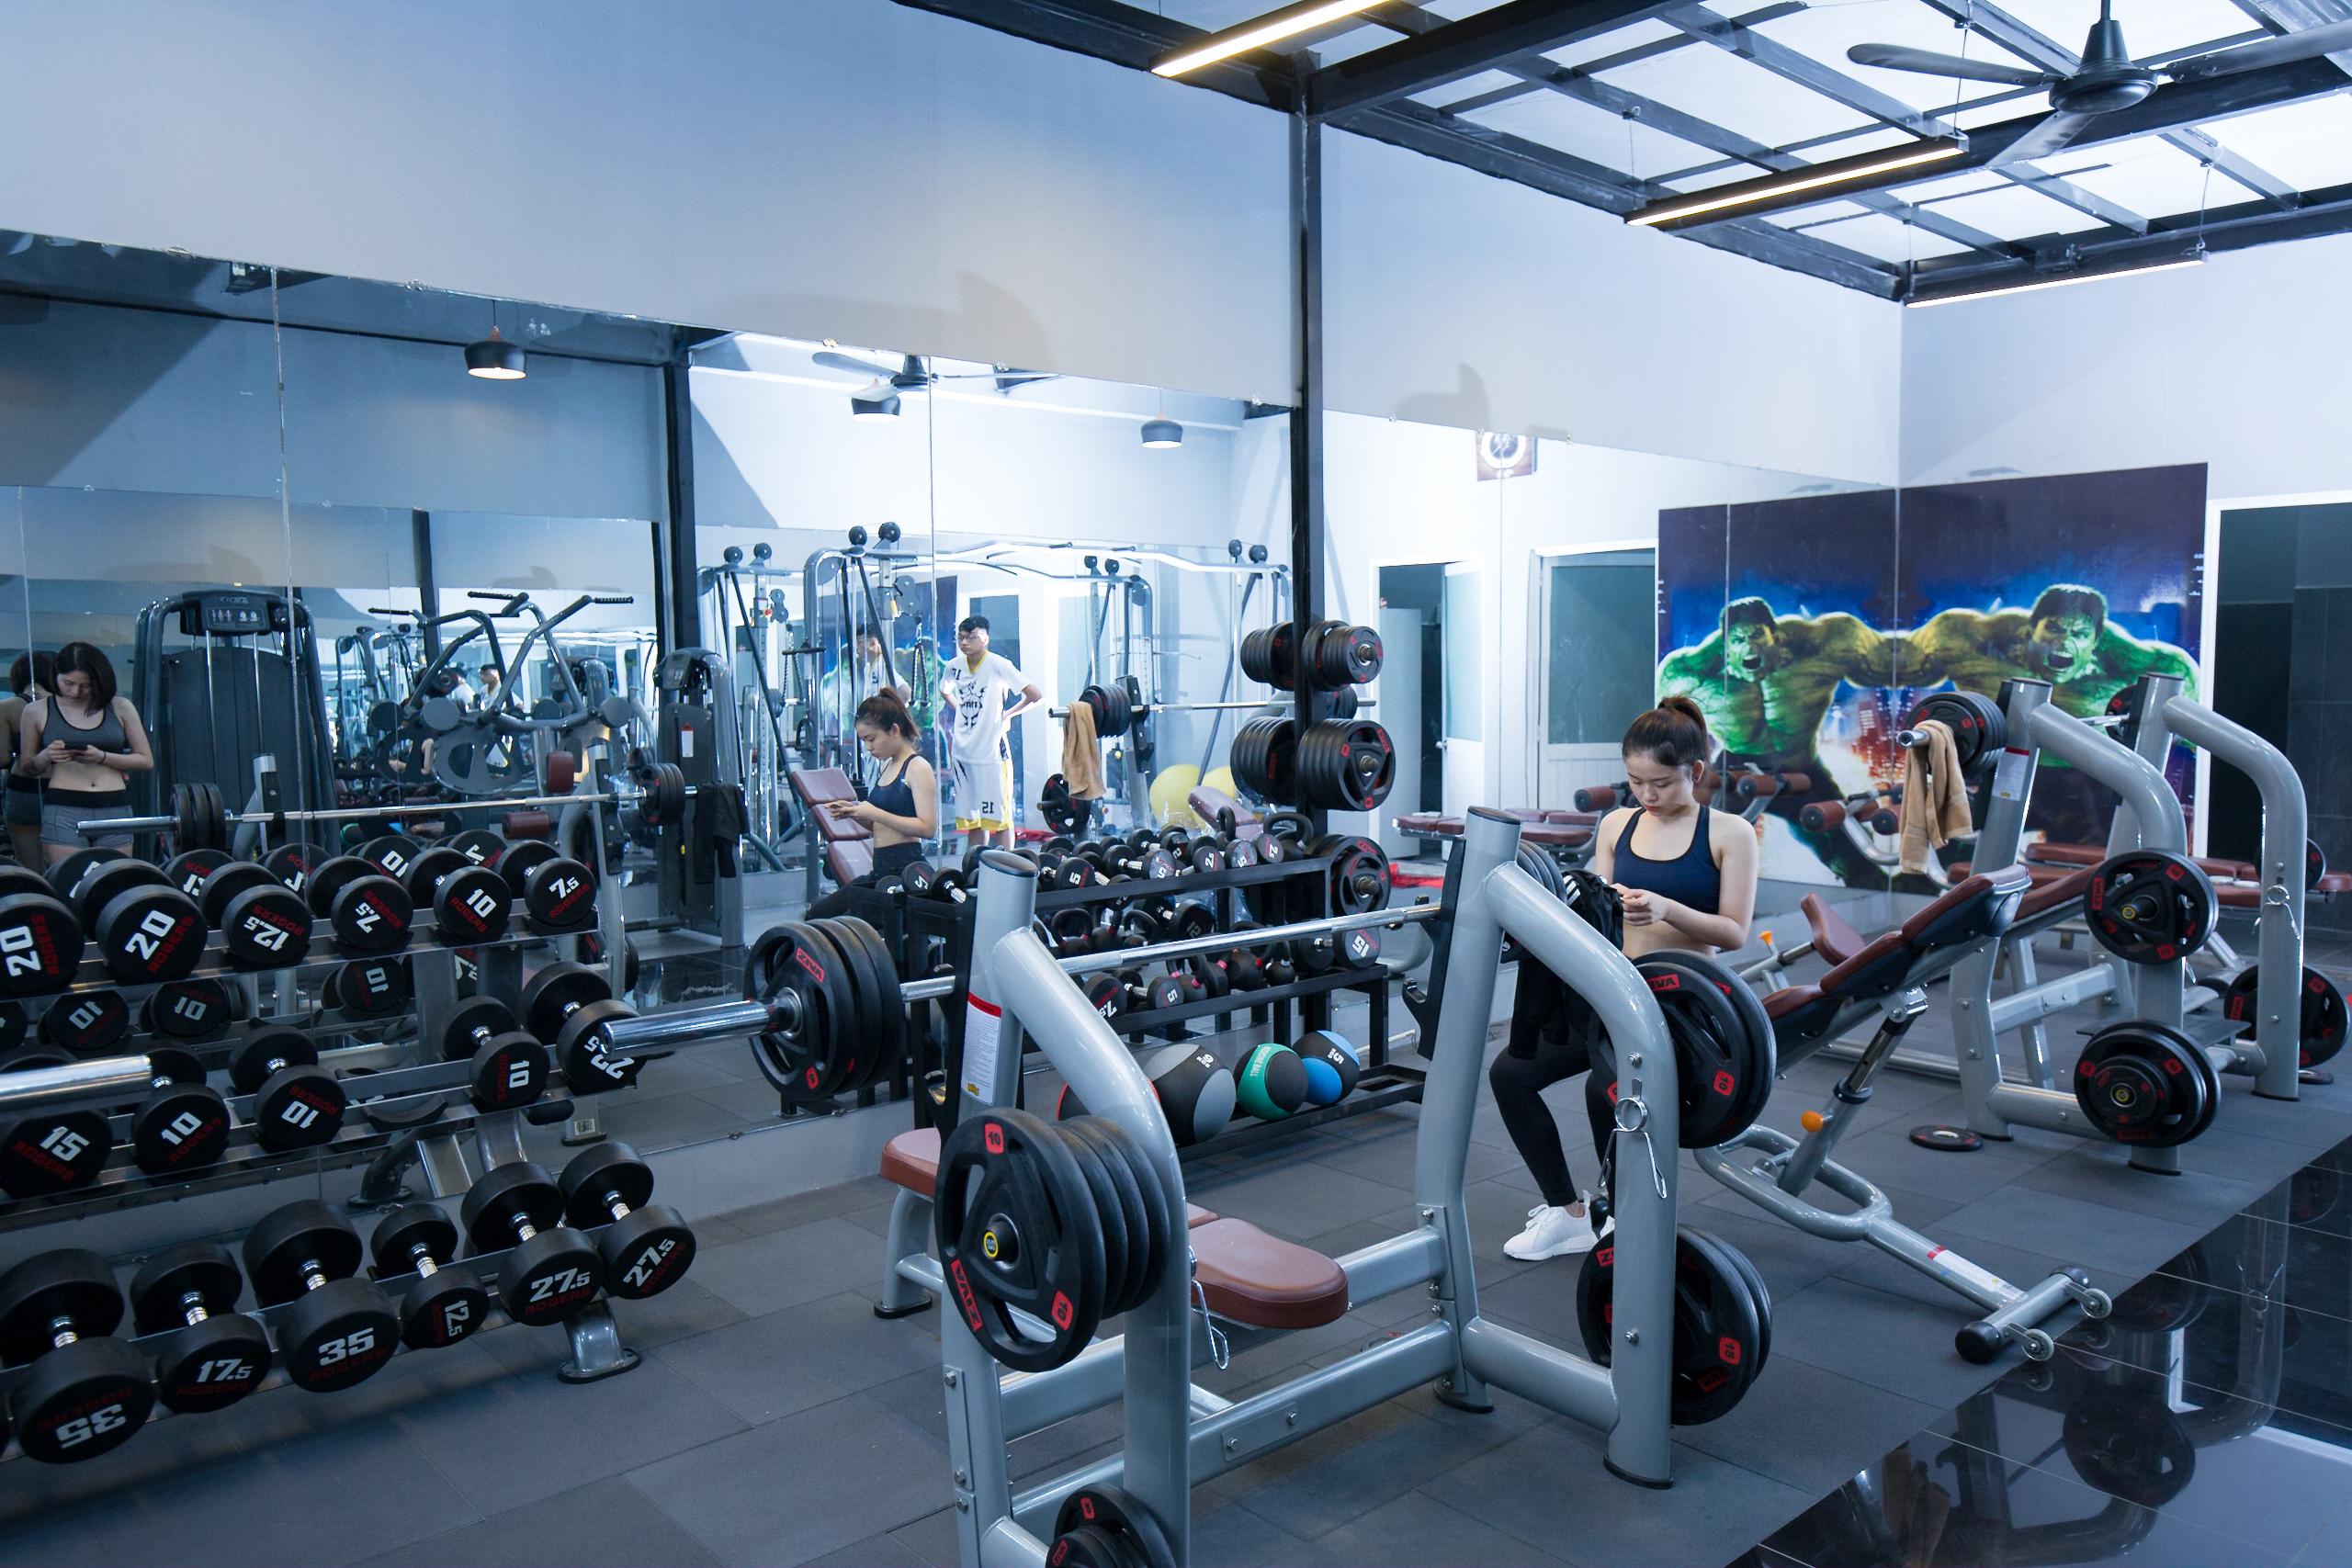 Top 10 phòng tập gym quận 10 chất lượng được nhiều người lựa chọn 1